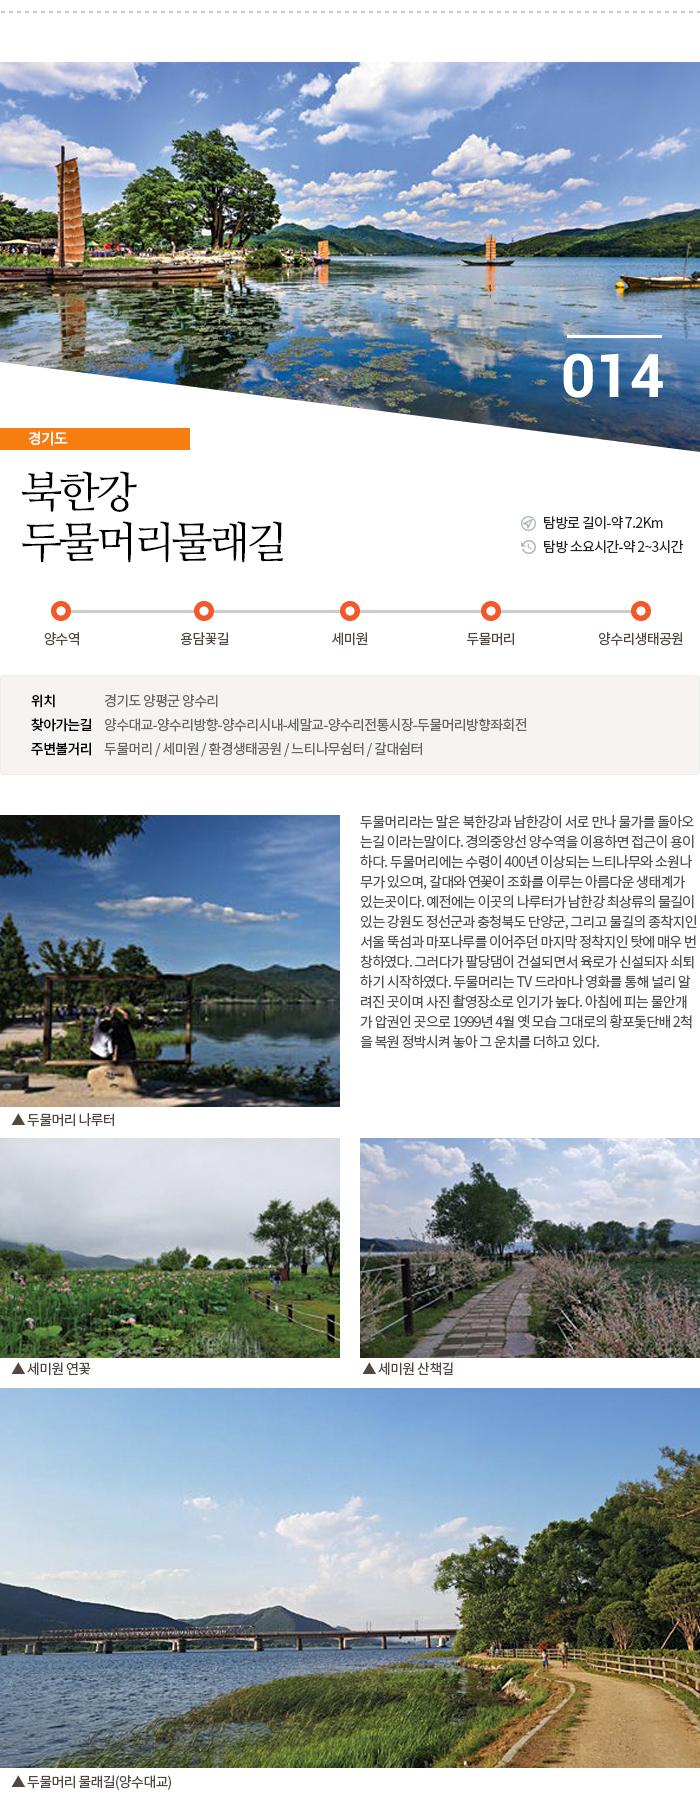 북한강 두물머리물래길